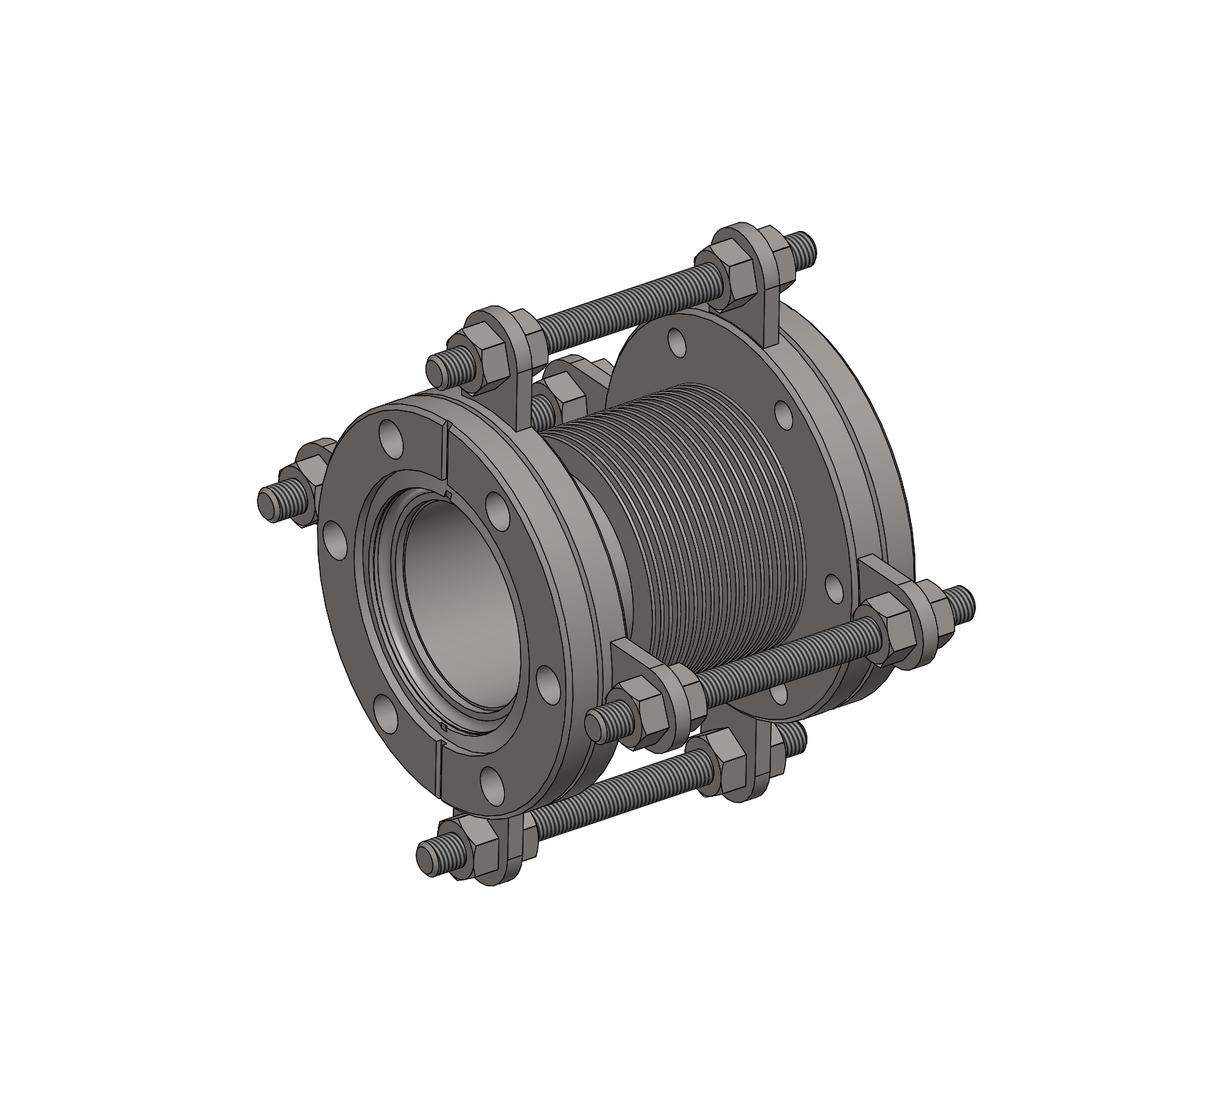 機械設計、配管設計お手伝いいたします 機構や配管、生産設備、板金等幅広く対応!